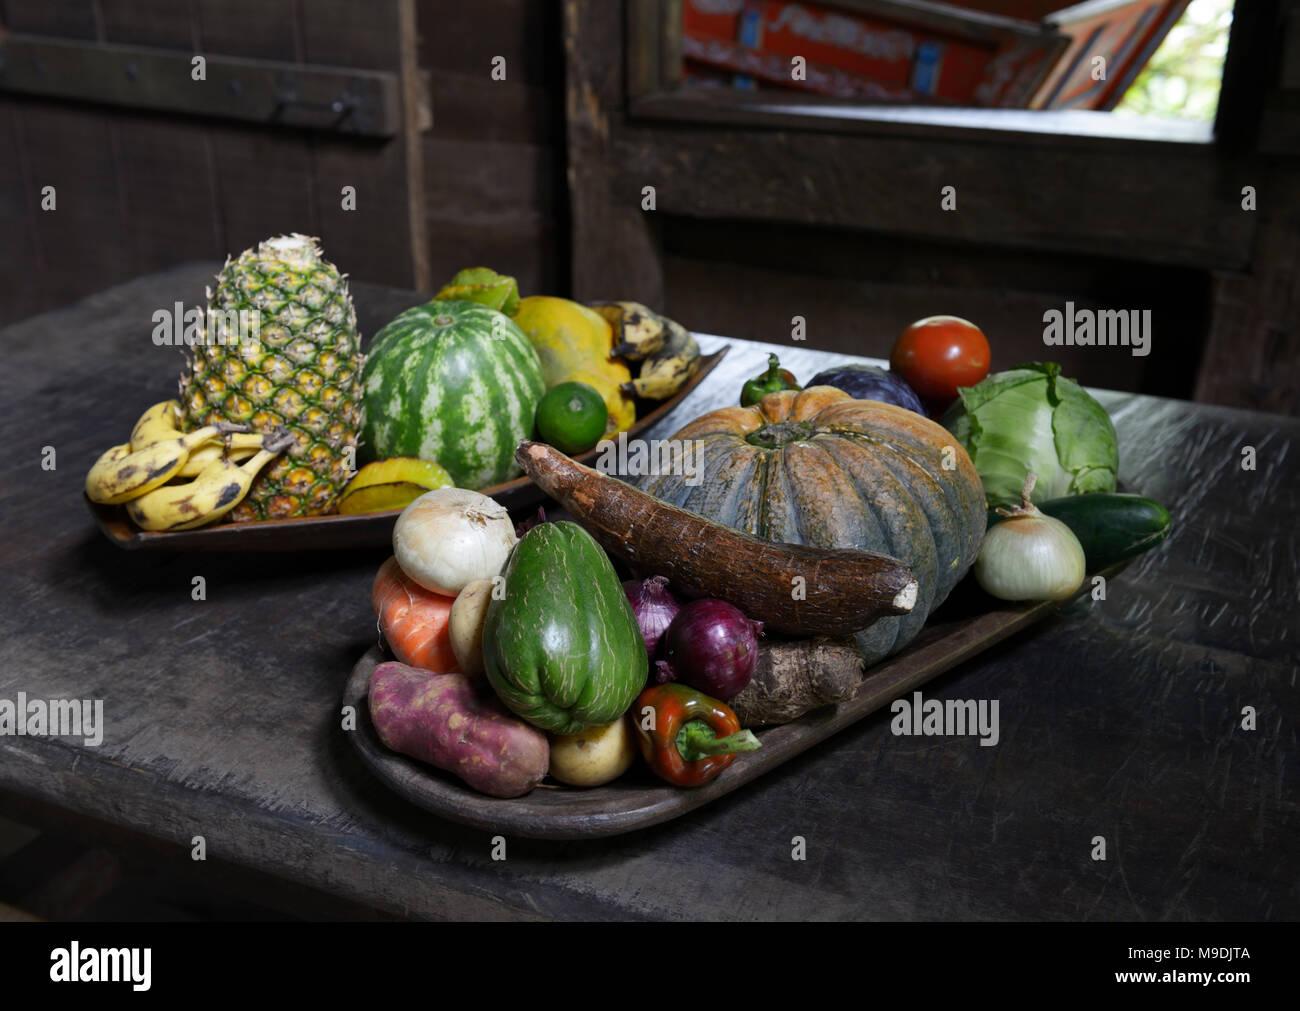 Frutas e legumes tradicionais em uma tabela em uma página principal, Costa Rica Imagens de Stock